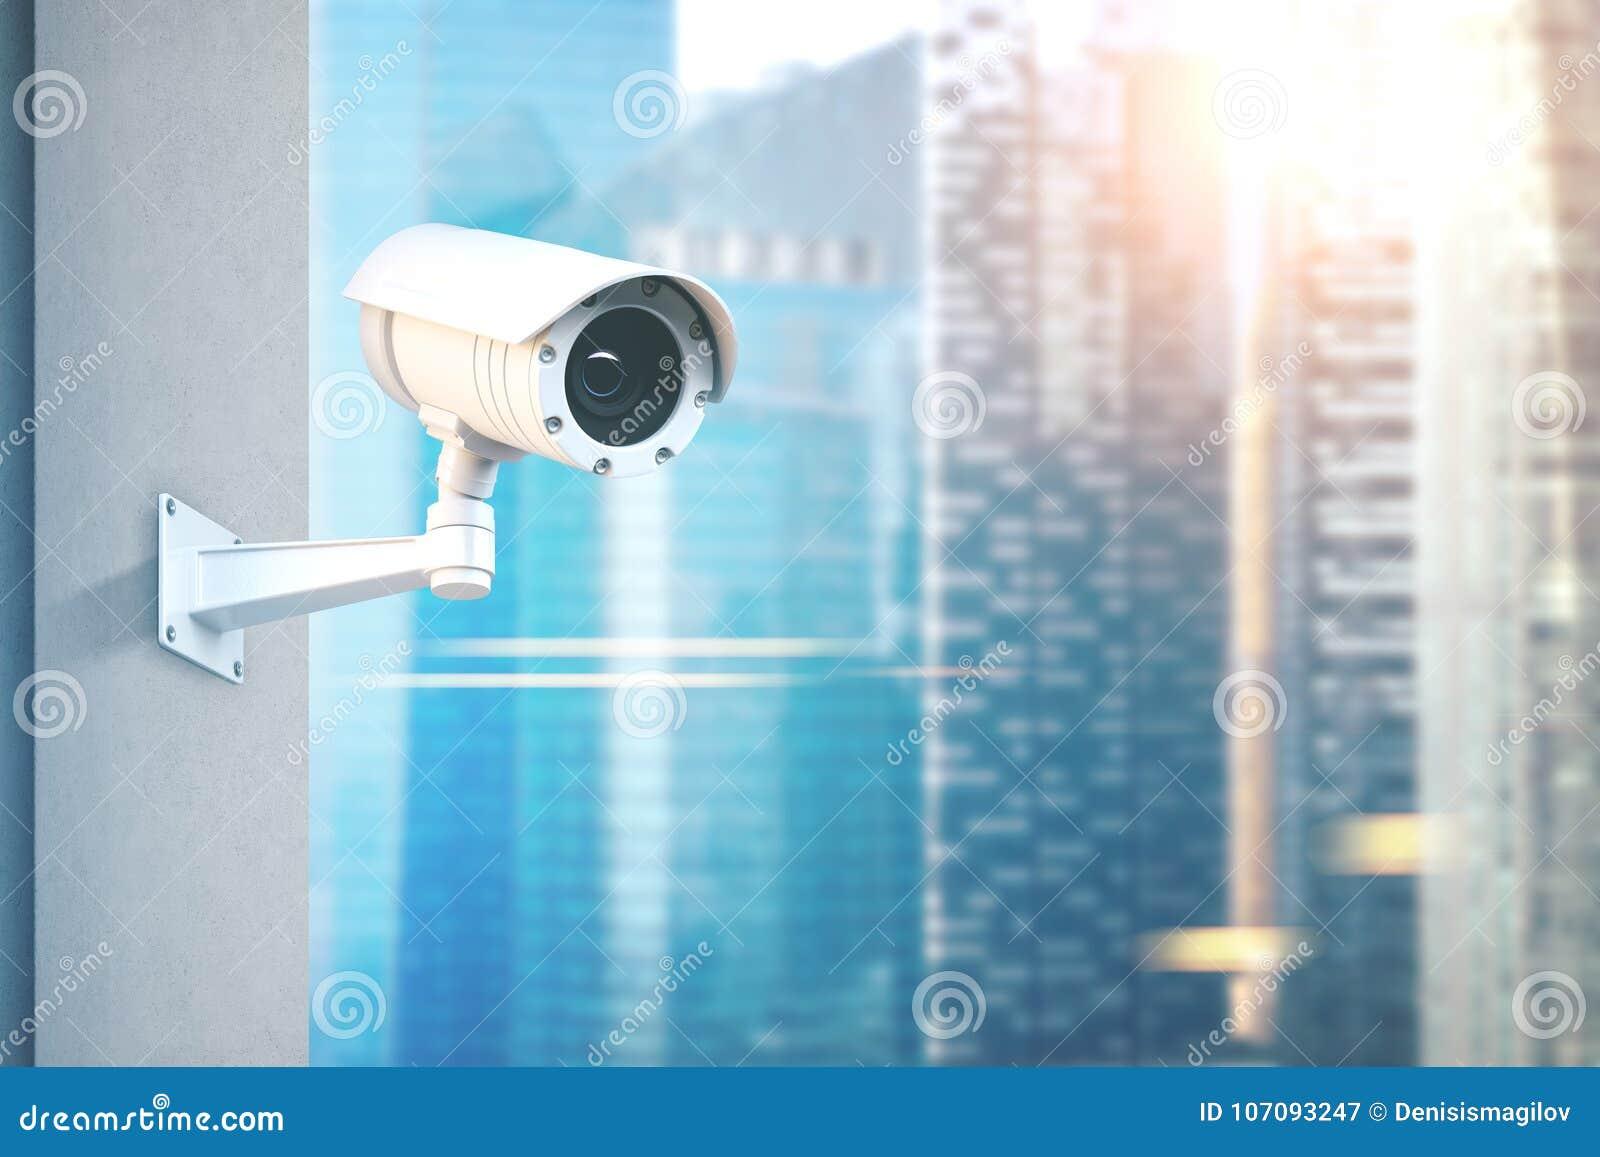 Überwachungskamera, unscharfe Stadt